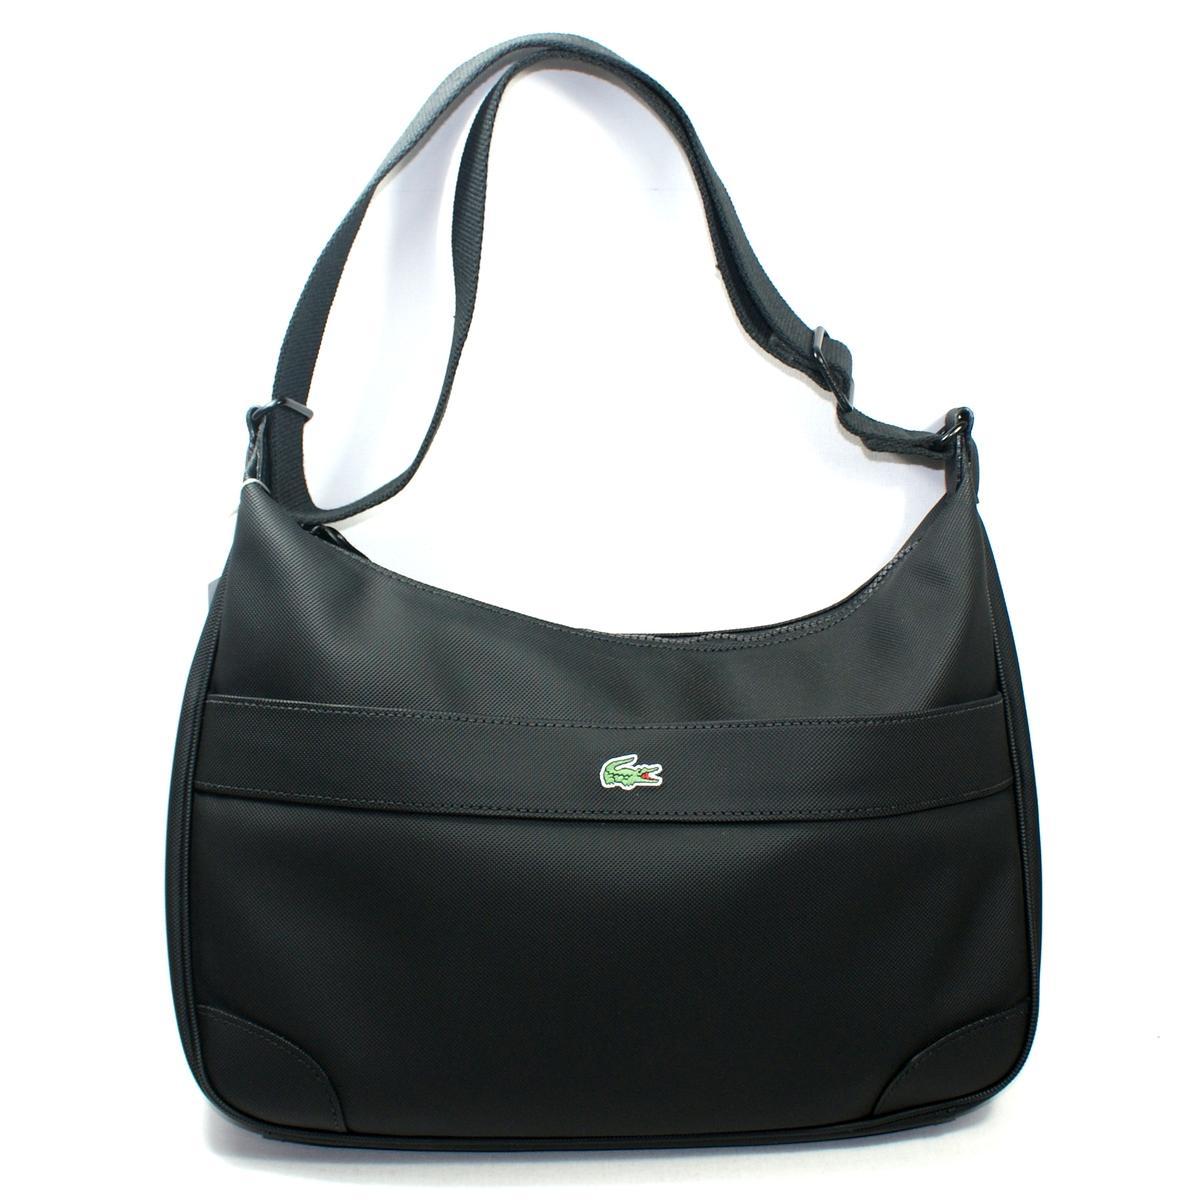 Lacoste Black Iris Hobo Bag  Crossbody Bag  NF0192NC  1ab07e4b7b451